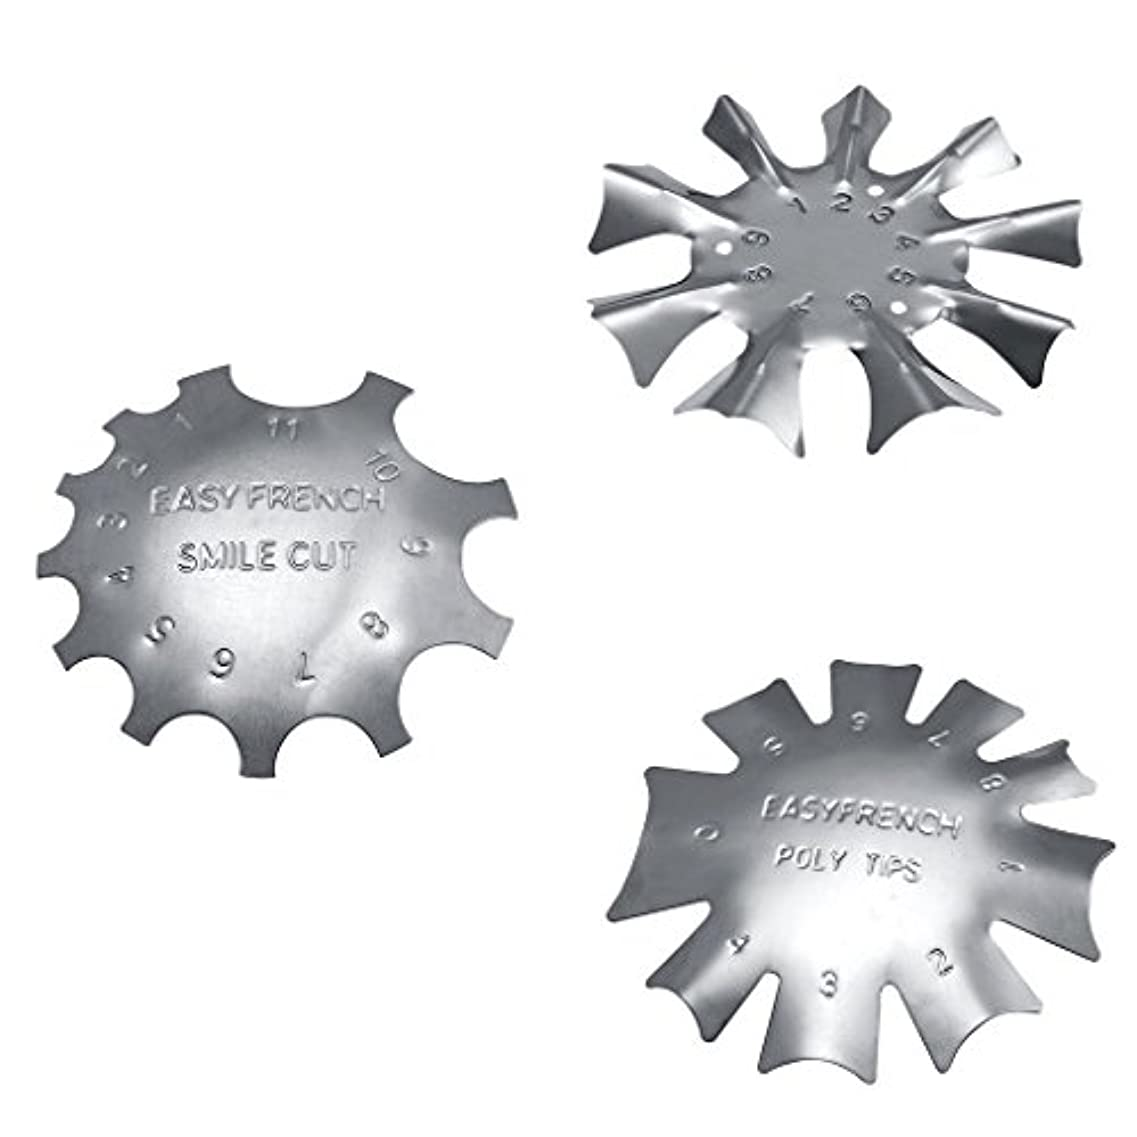 一元化するエンドウ風が強いネイルアートに適したステンレス鋼フレンチネイルトリマートリマーネイルテンプレート3枚